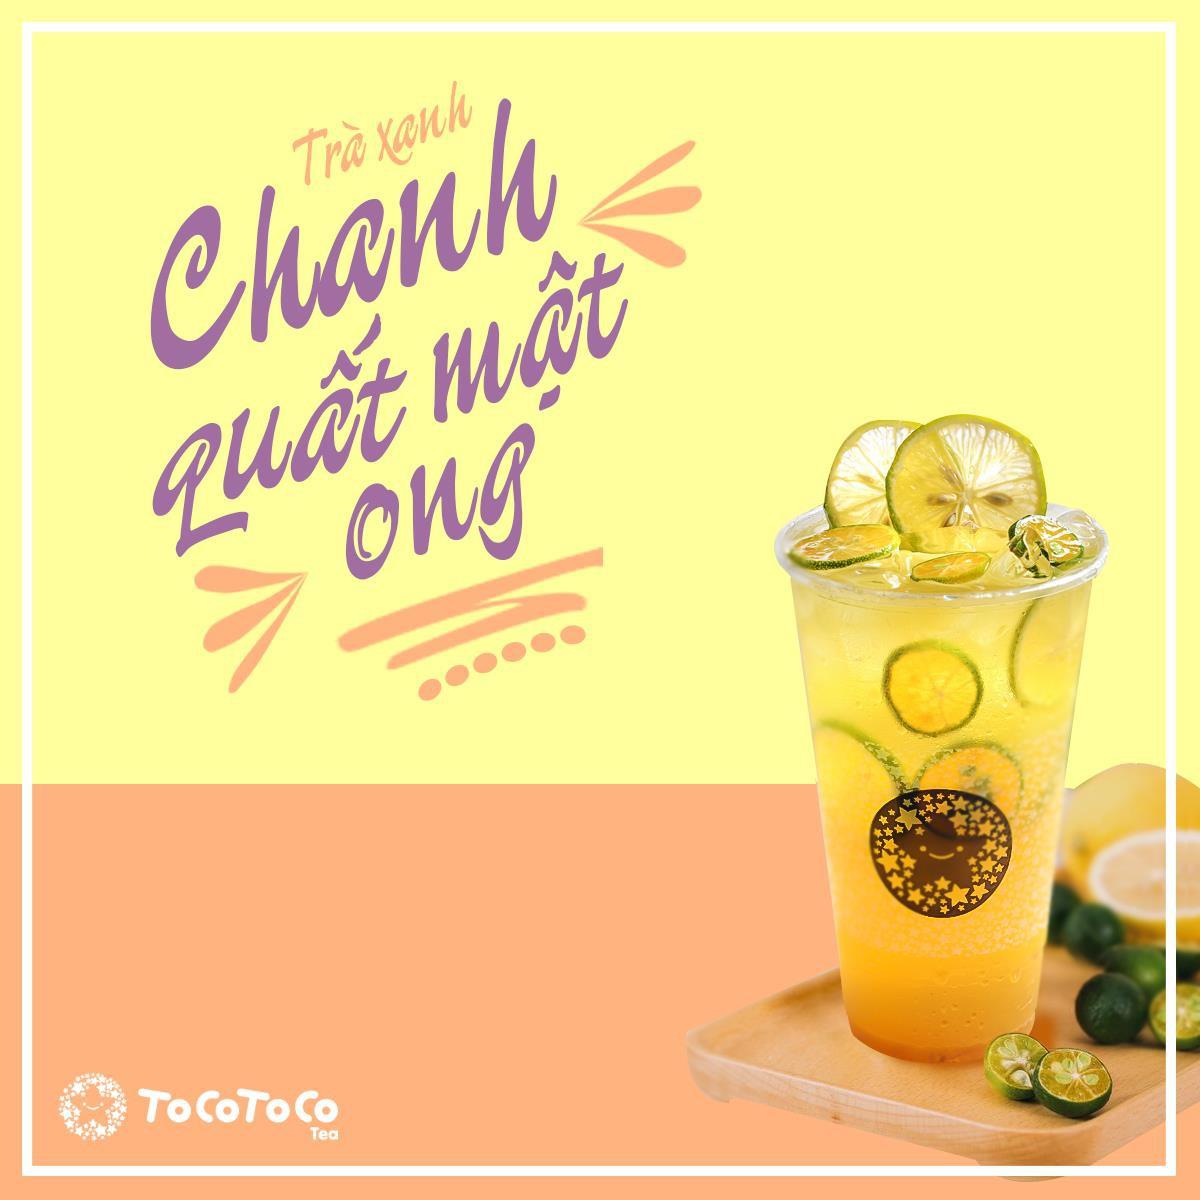 Gợi ý đồ uống siêu hot trong mùa hè sắp tới tại trà sữa TocoToco - Ảnh 2.